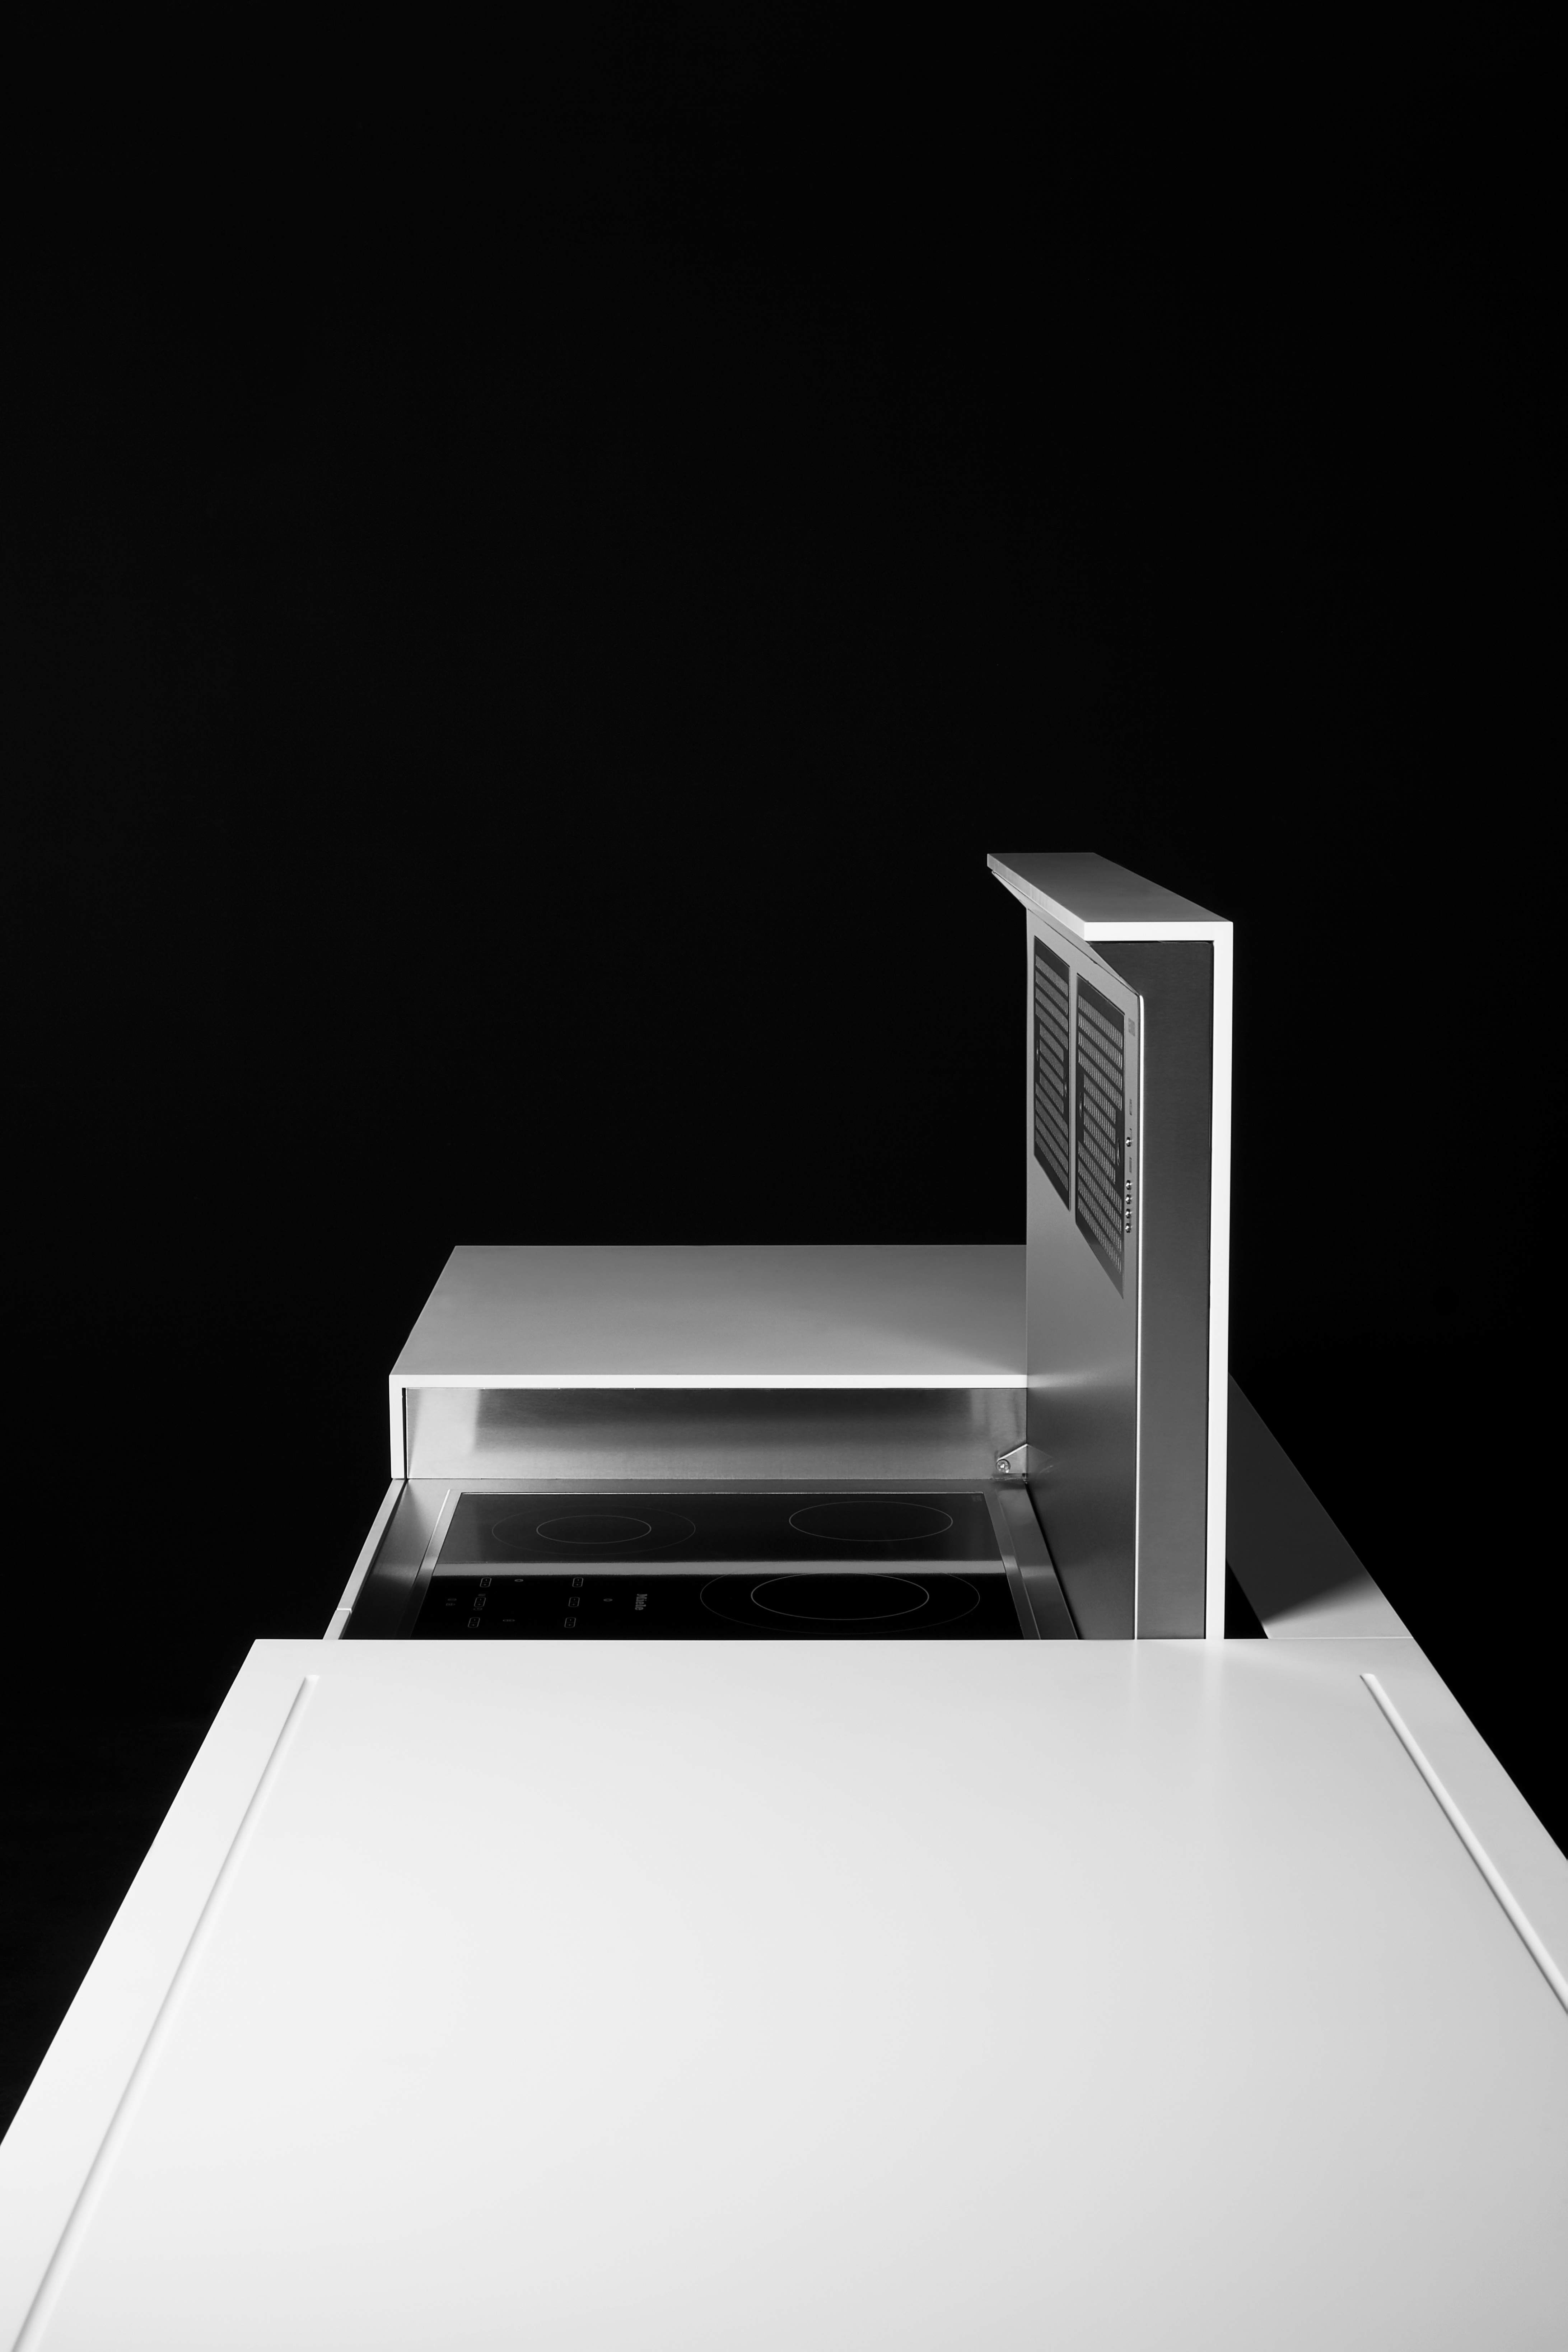 Funktionale Designabsaugung eines Kochfelds in Weiß silber